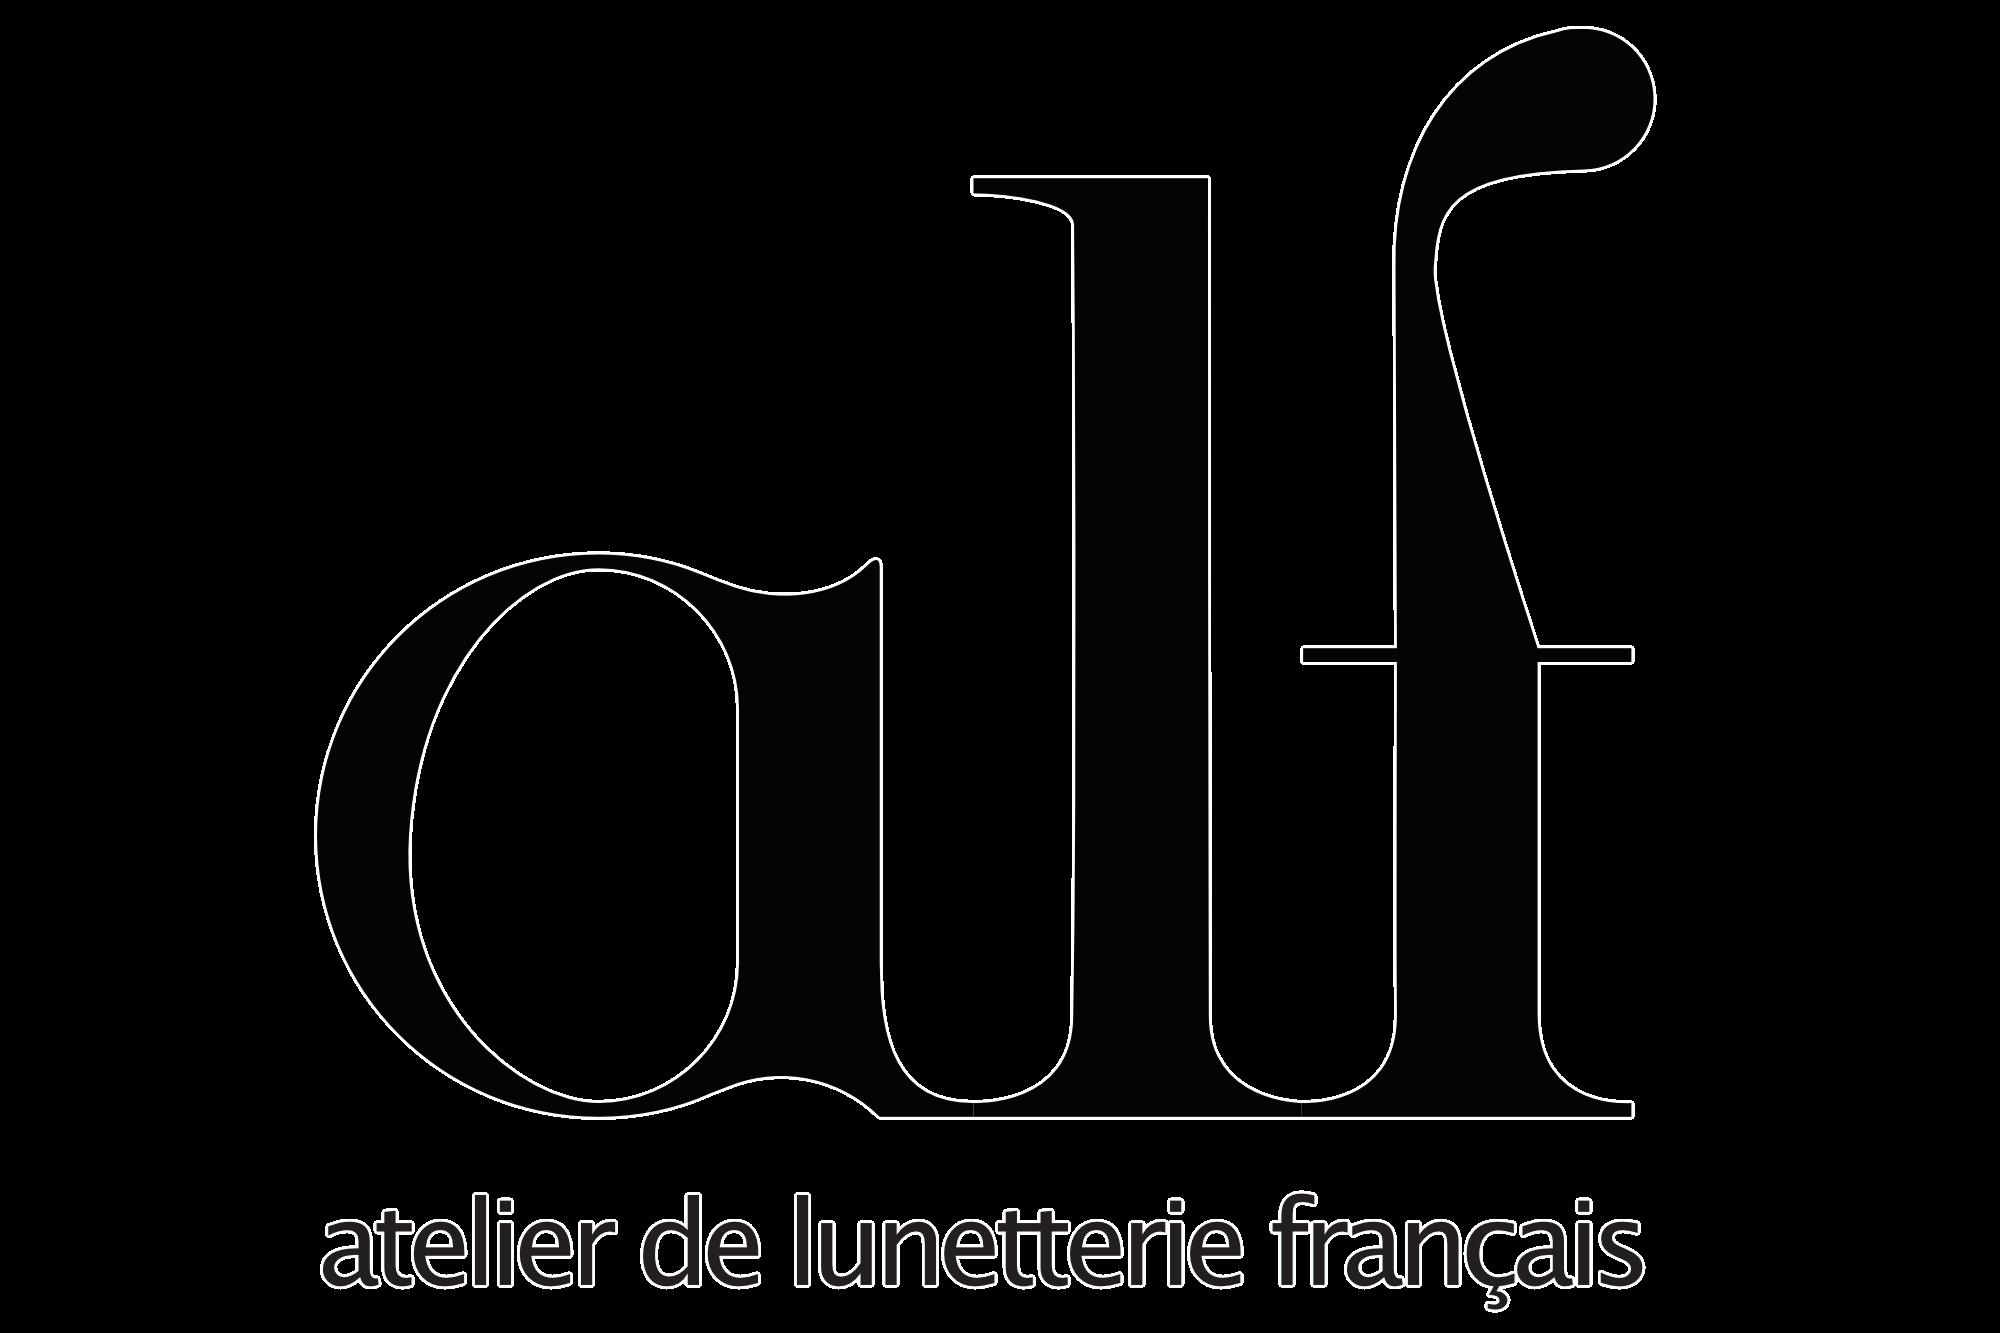 alf - Atelier de Lunetterie Français